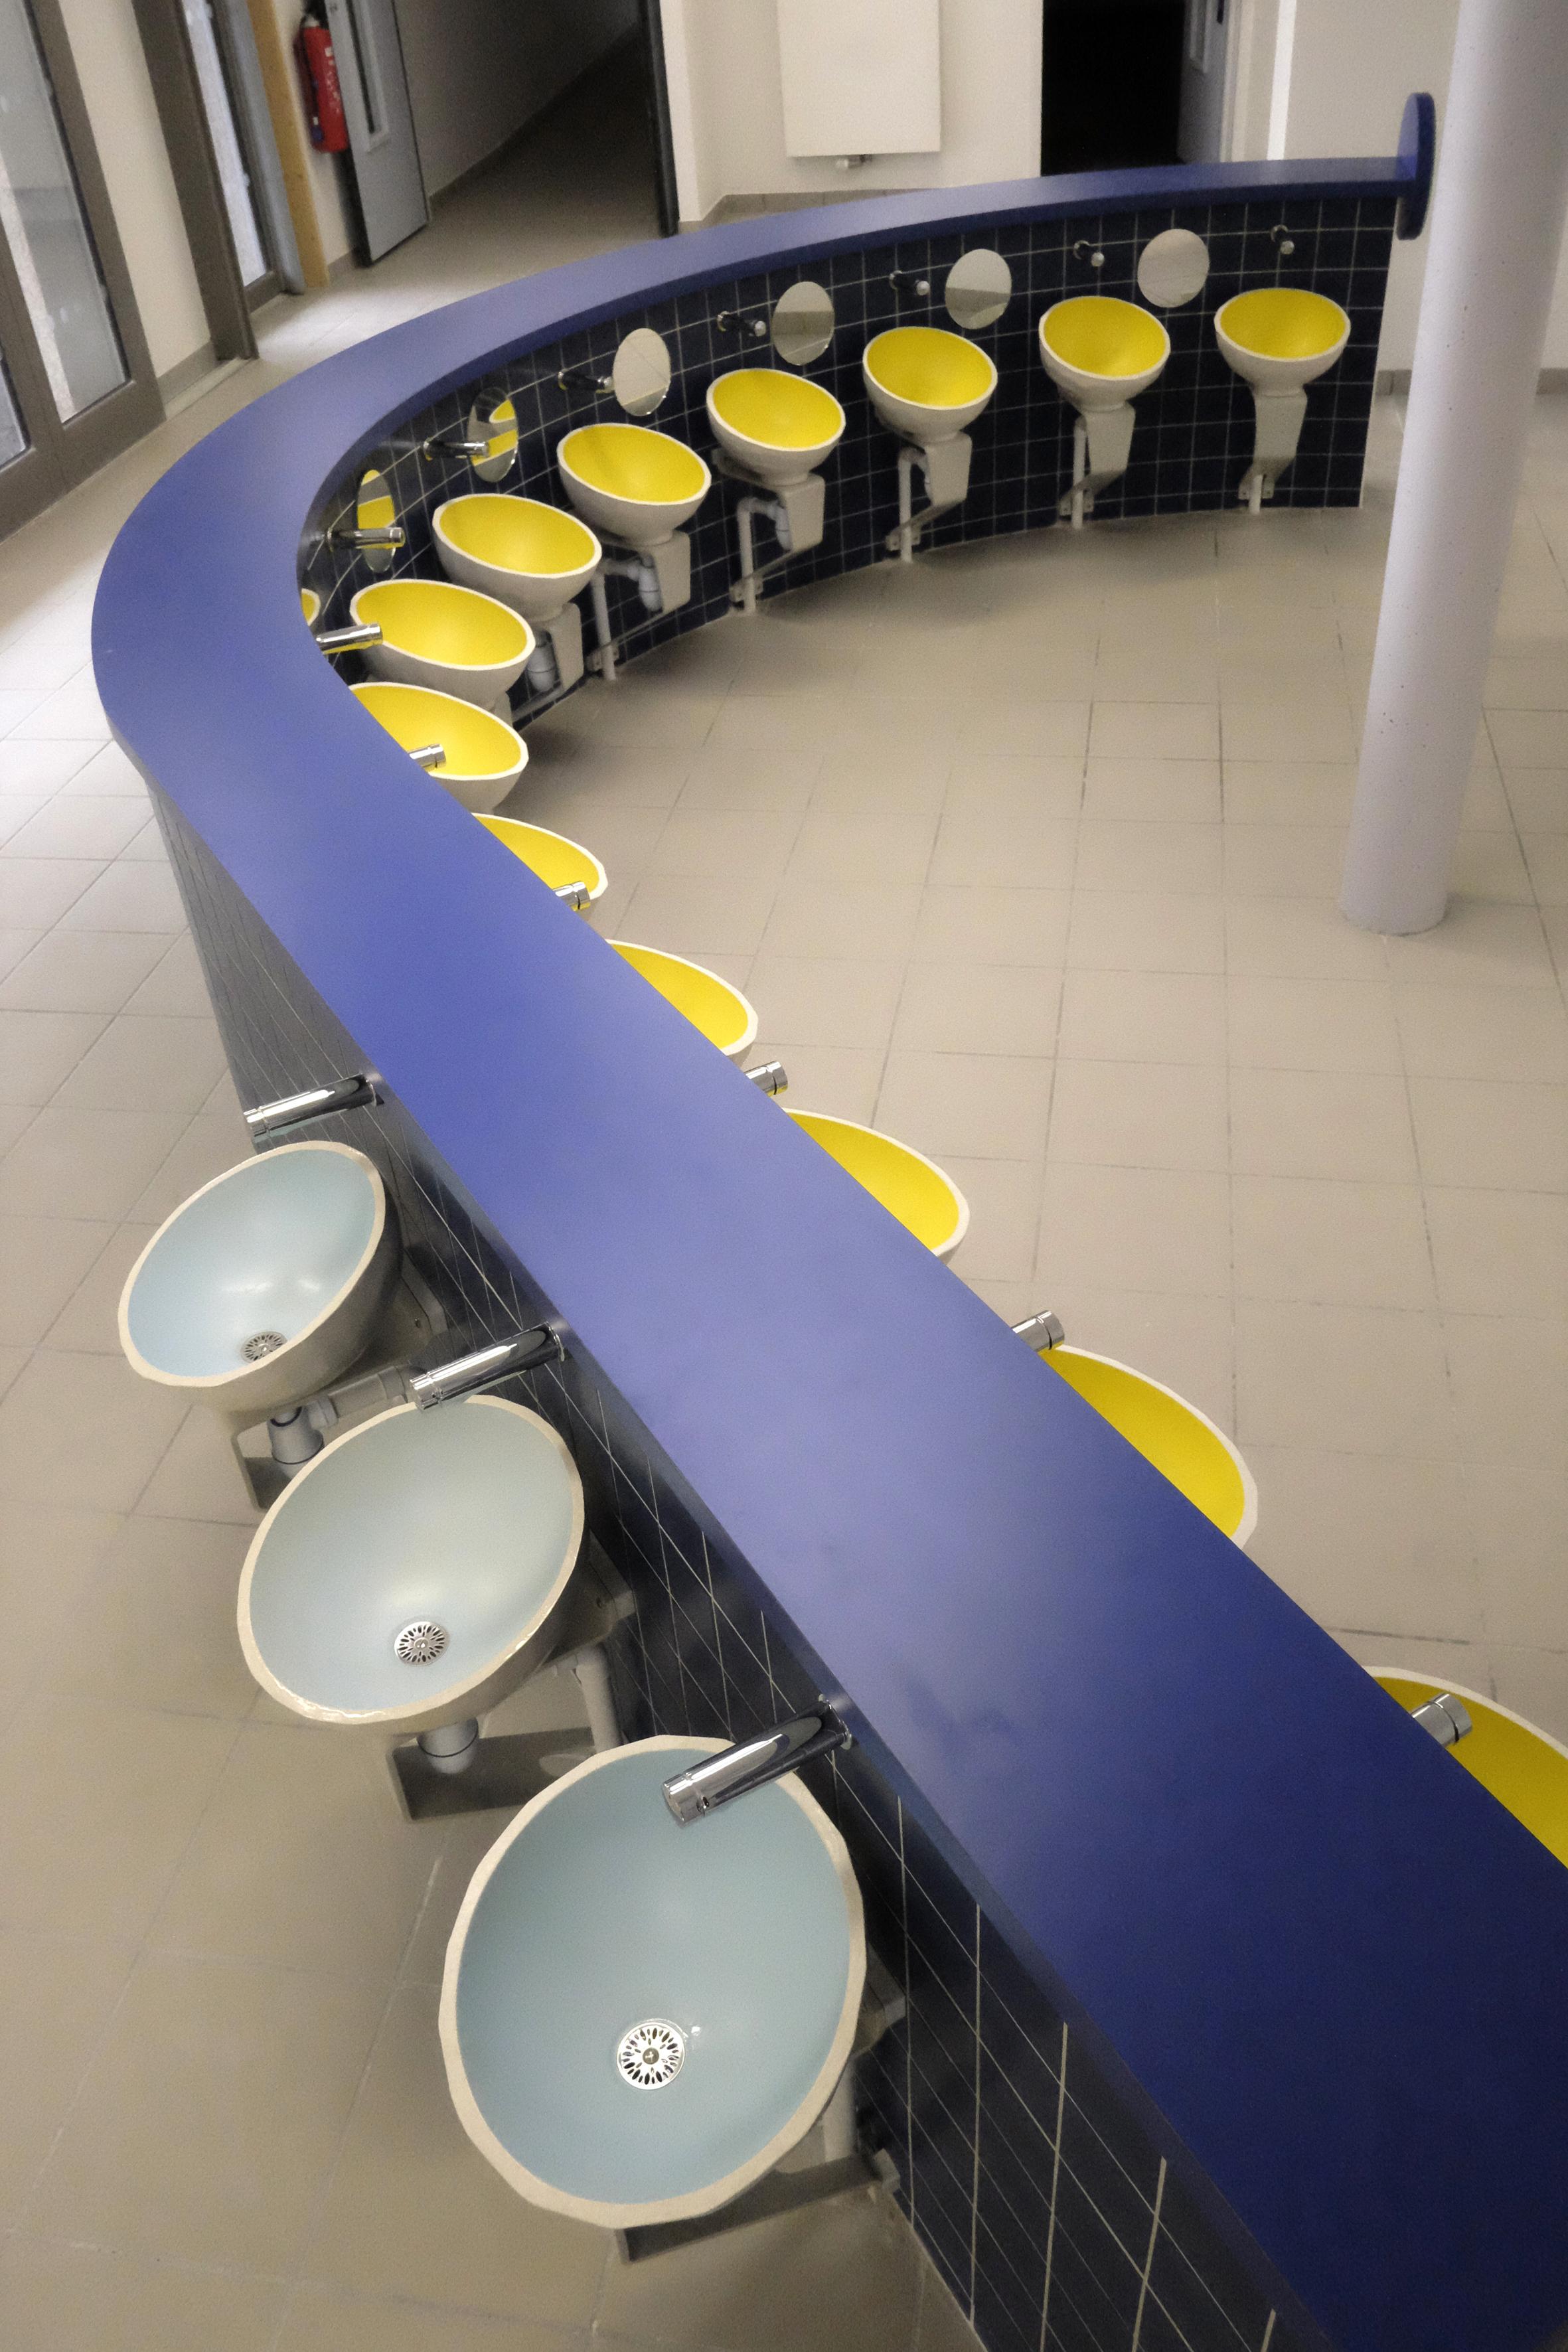 Vasques de la partie sanitaires